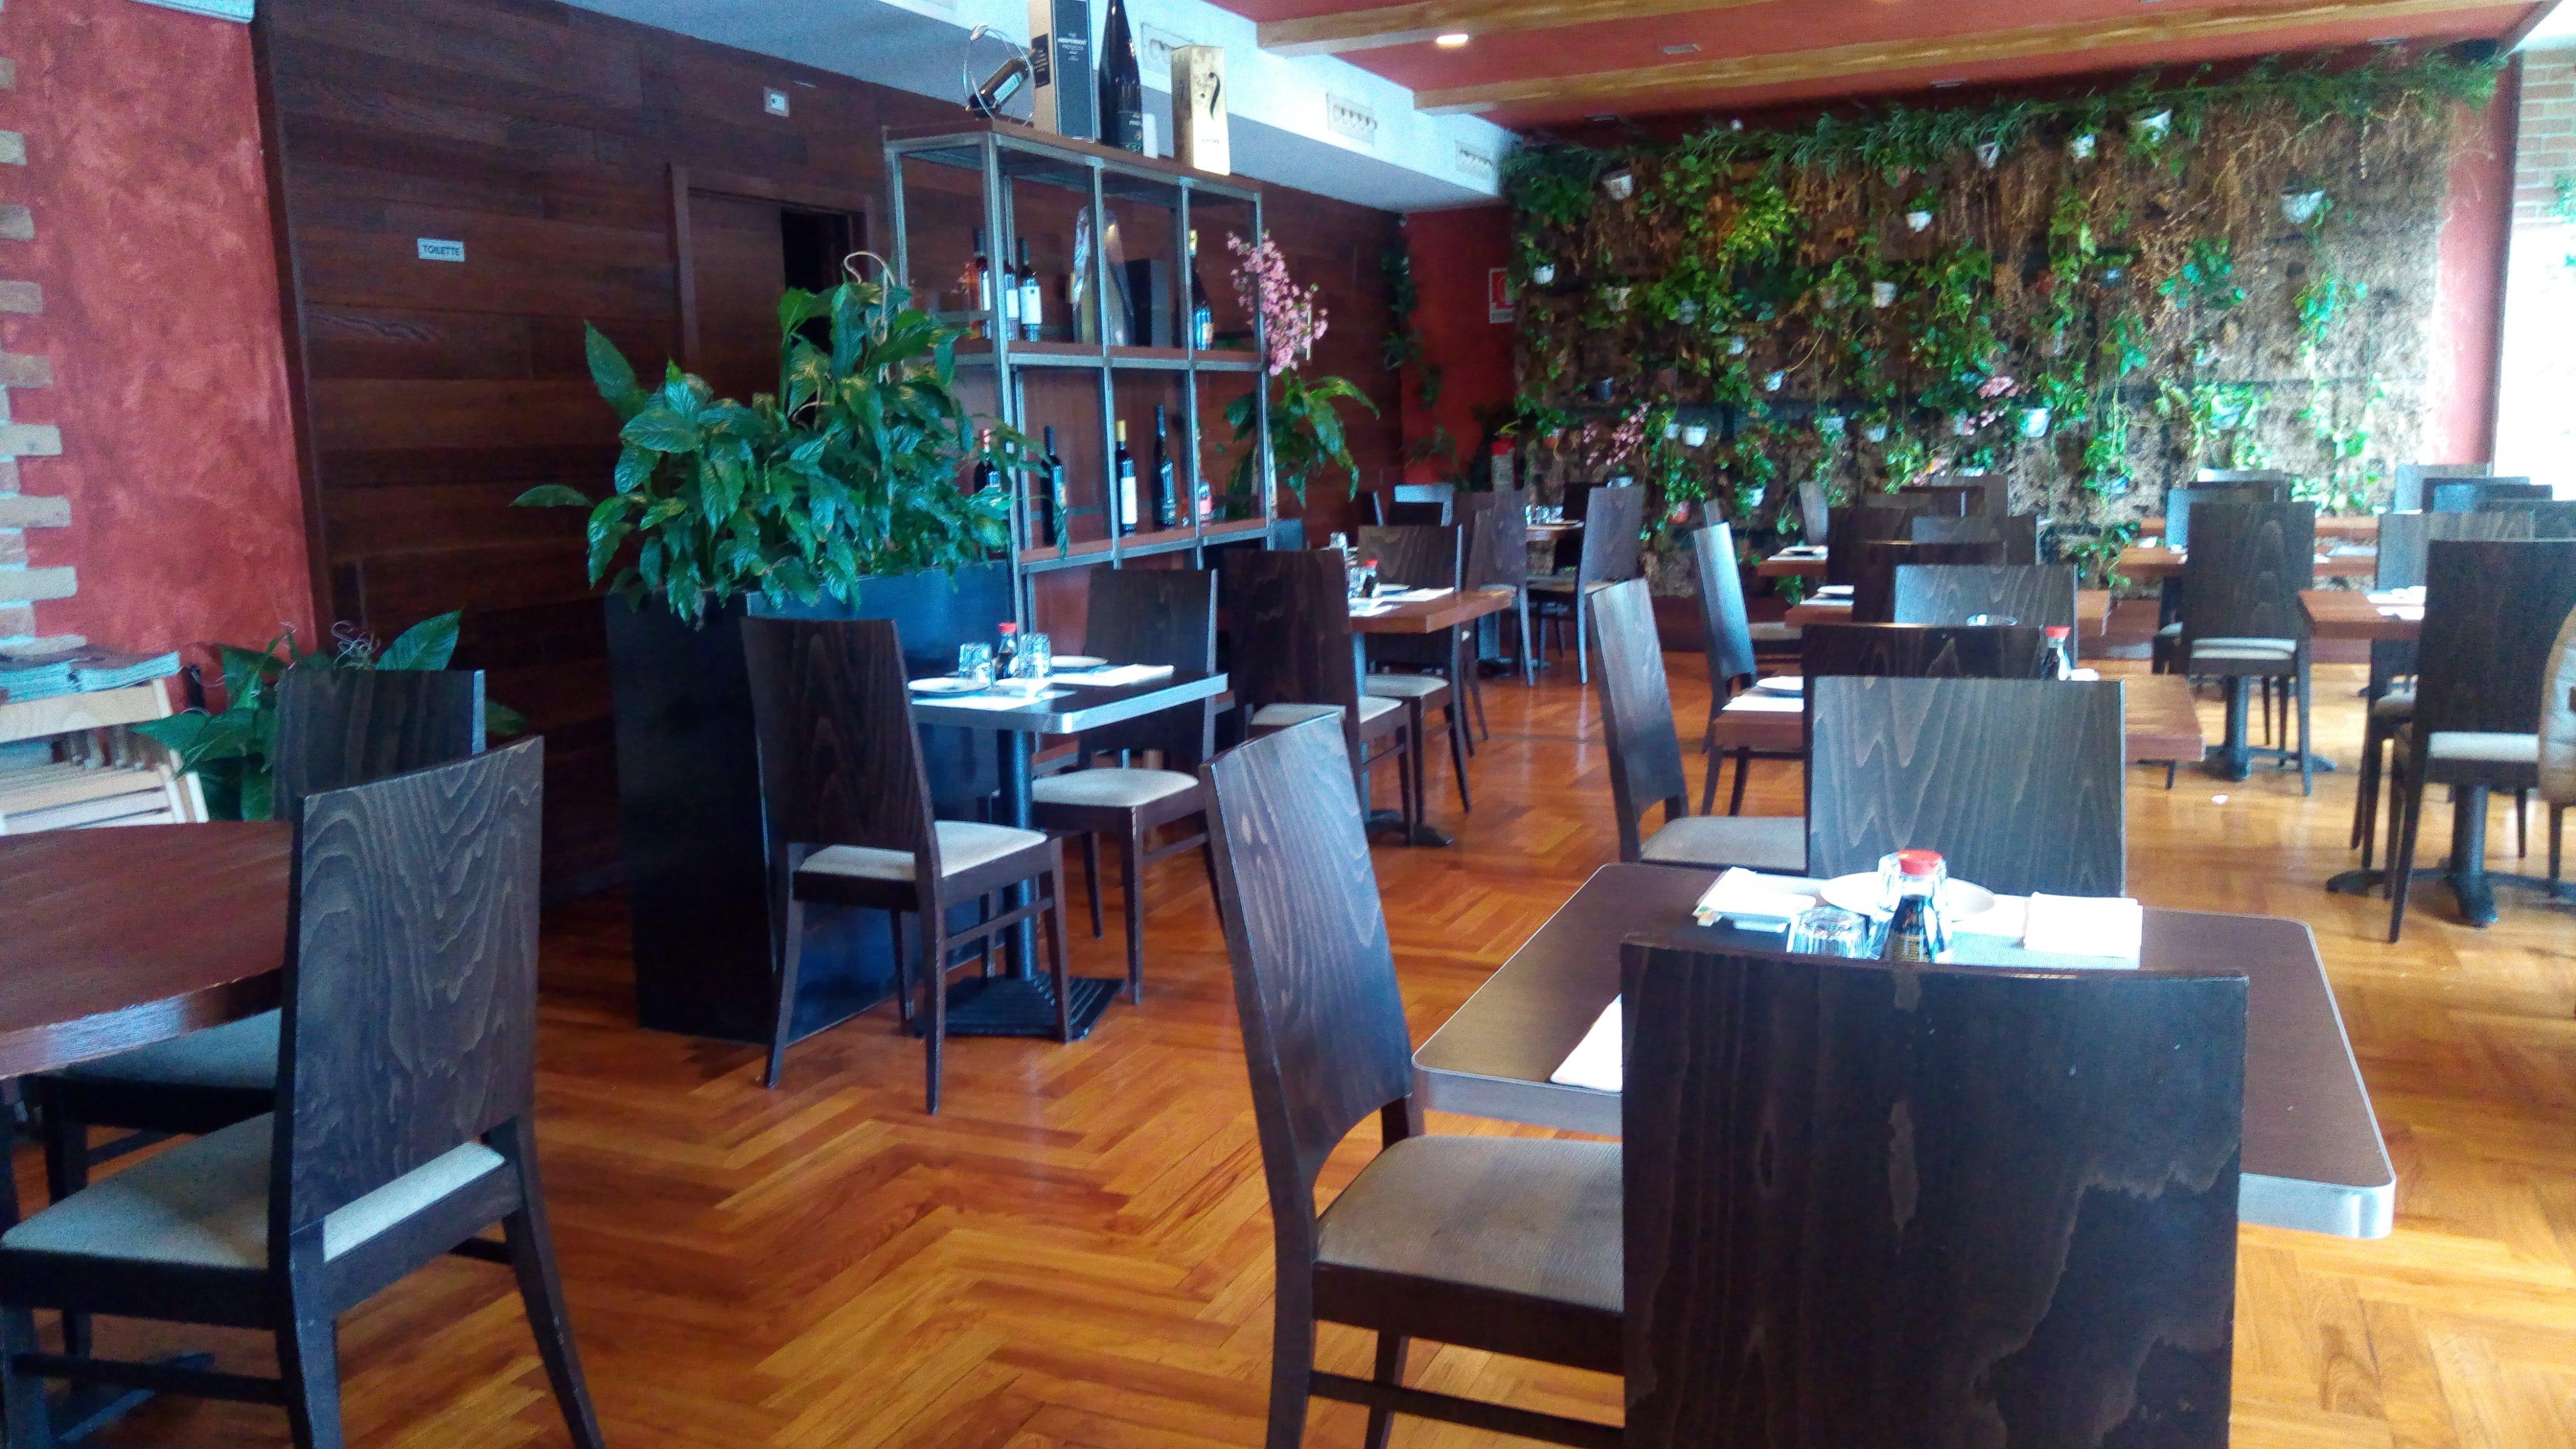 vista dei tavoli all'interno del ristorante